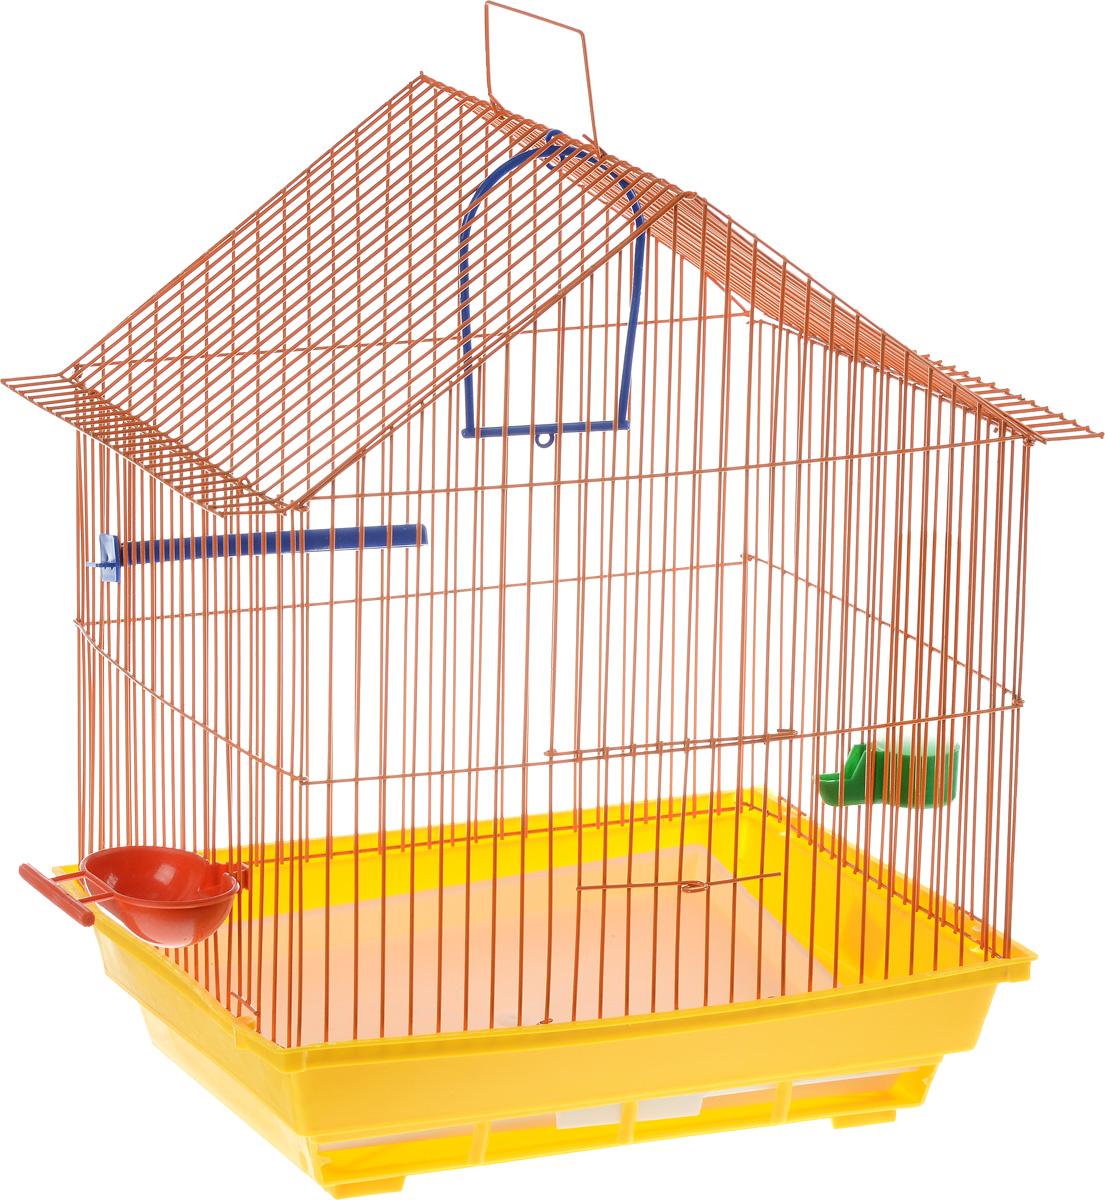 Клетка для птиц ЗооМарк, цвет: желтый поддон, оранжевая решетка, 39 х 28 х 42 см410_желтый, оранжевыйКлетка ЗооМарк, выполненная из полипропилена и металла с эмалированным покрытием, предназначена для мелких птиц. Изделие состоит из большого поддона и решетки. Клетка снабжена металлической дверцей. В основании клетки находится малый поддон. Клетка удобна в использовании и легко чистится. Она оснащена кольцом для птицы, поилкой, кормушкой и подвижной ручкой для удобной переноски. Комплектация: - клетка с поддоном; - малый поддон; - поилка; - кормушка; - кольцо.